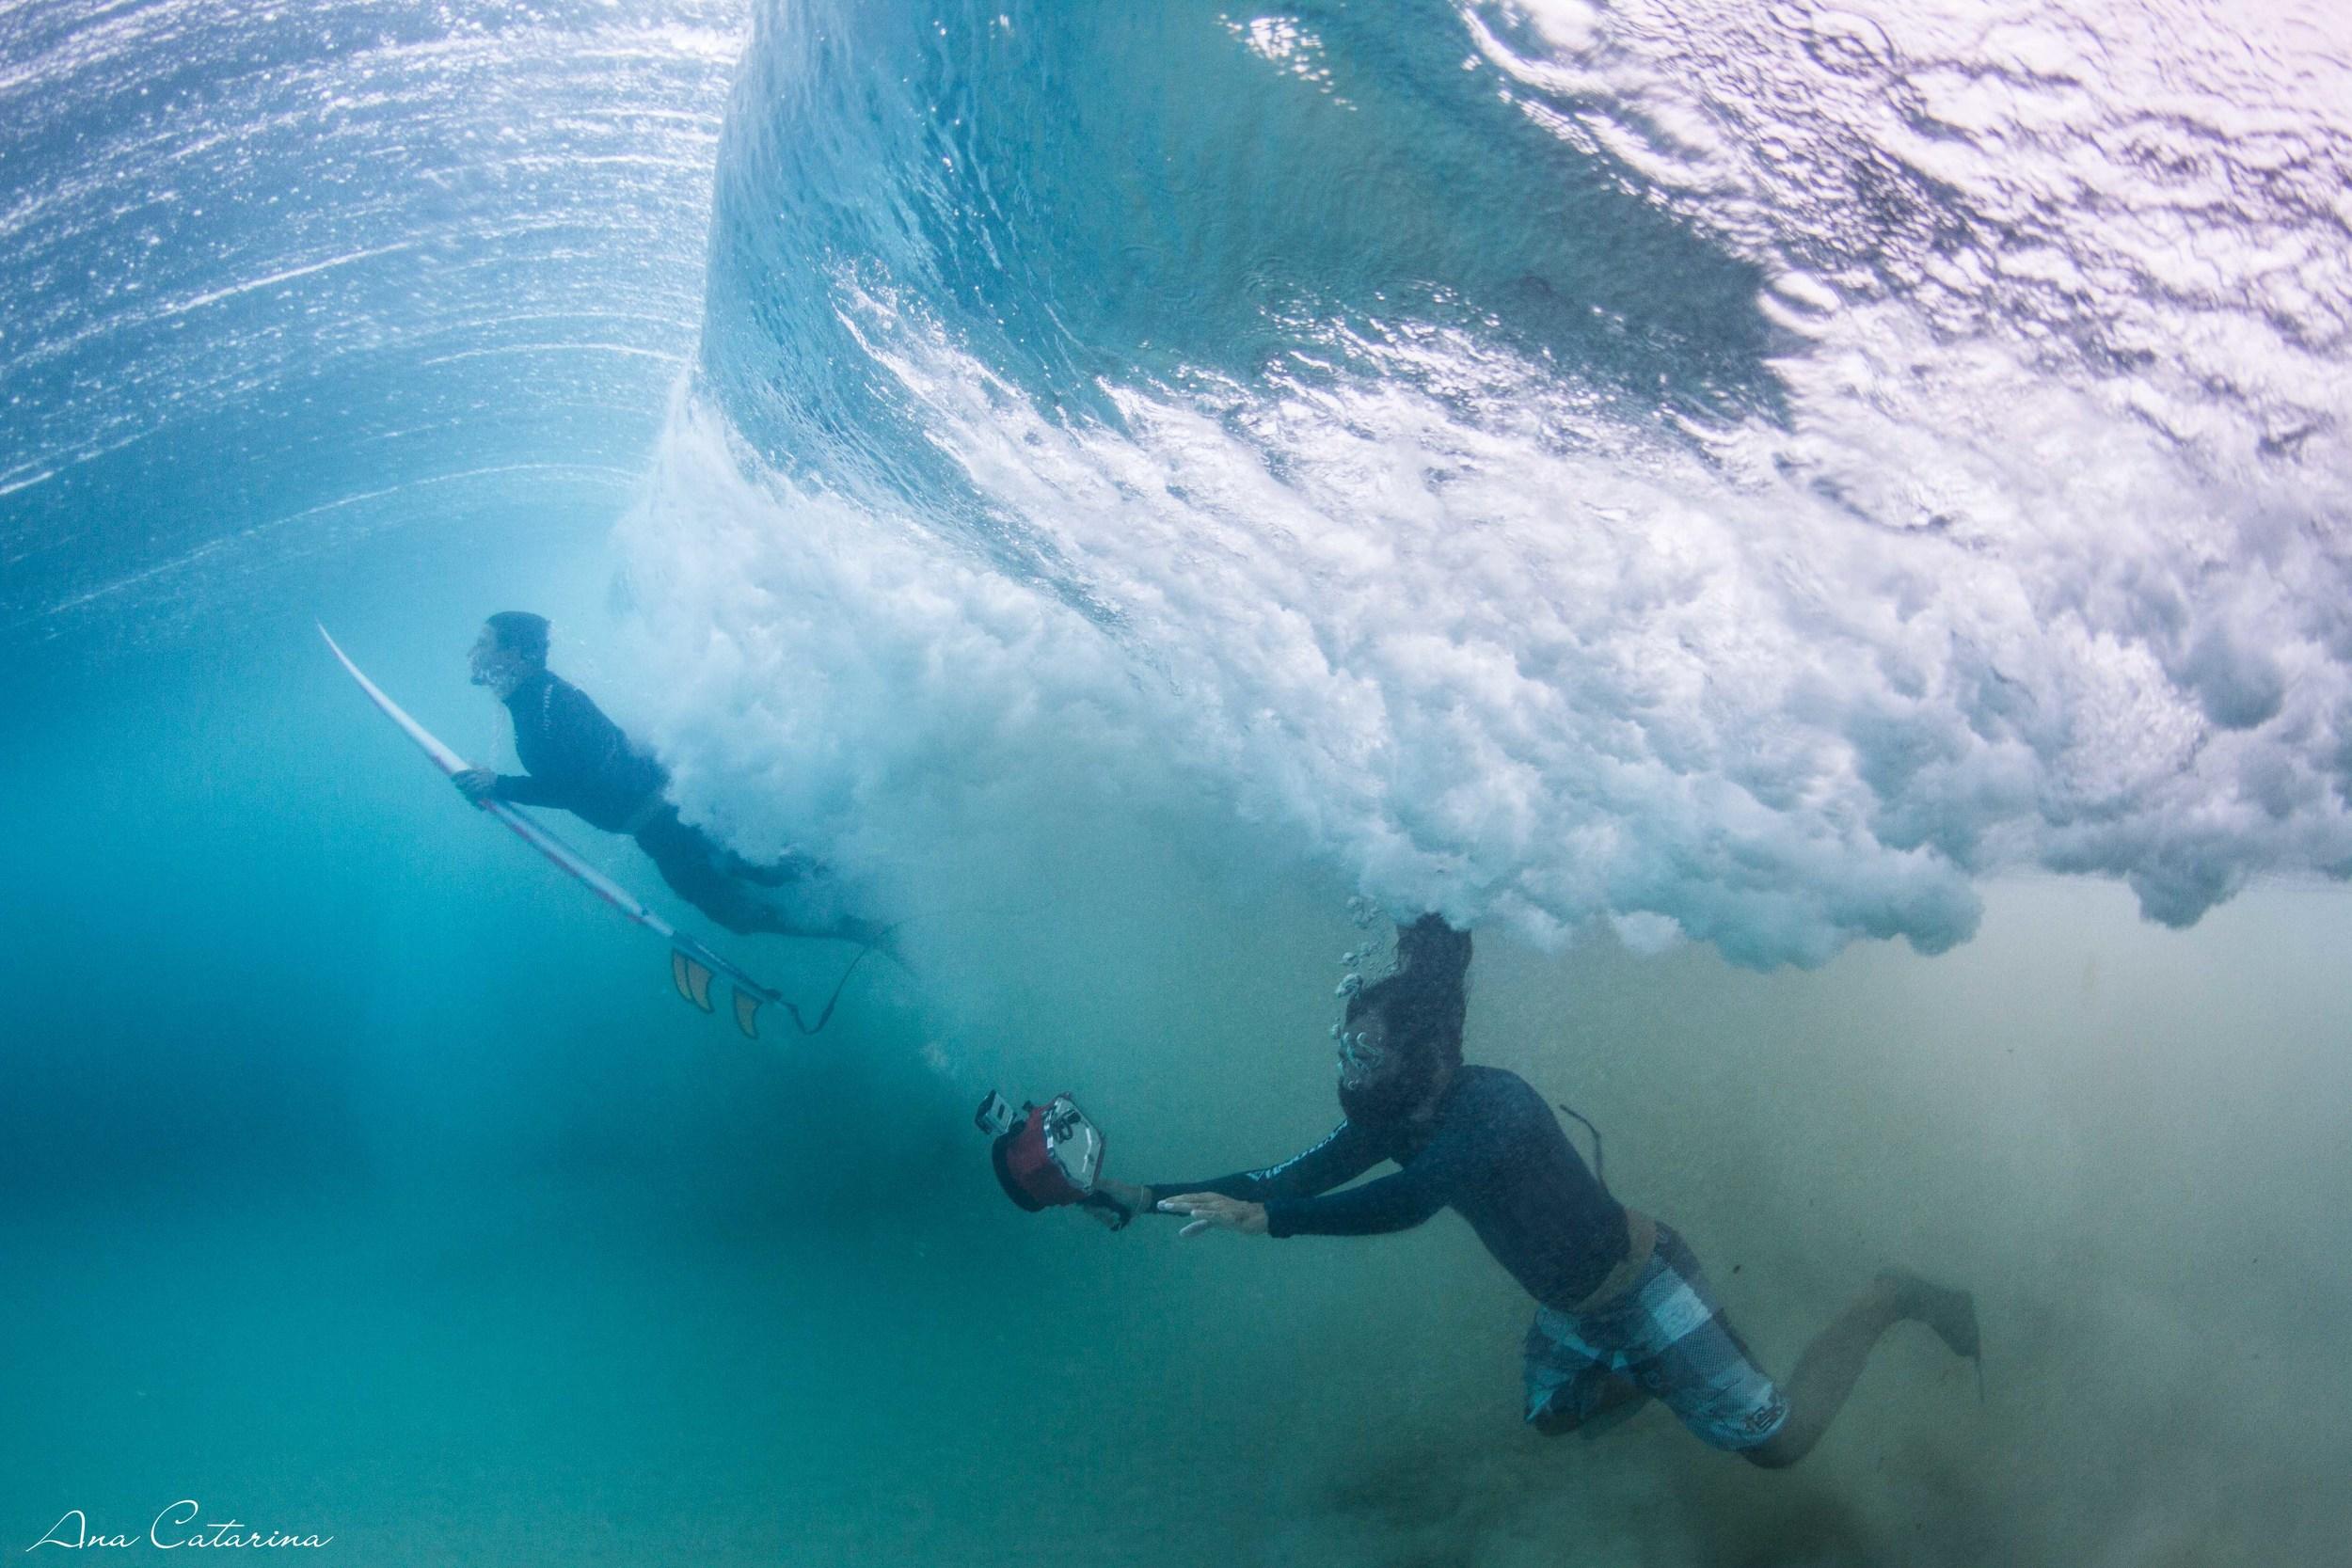 Daniel, de Ubatuba, um dos surfistas que conheci por lá e Iapa, o fotógrafo local / surfista / dono da marca 'Neuronha' varando a arrebentação.